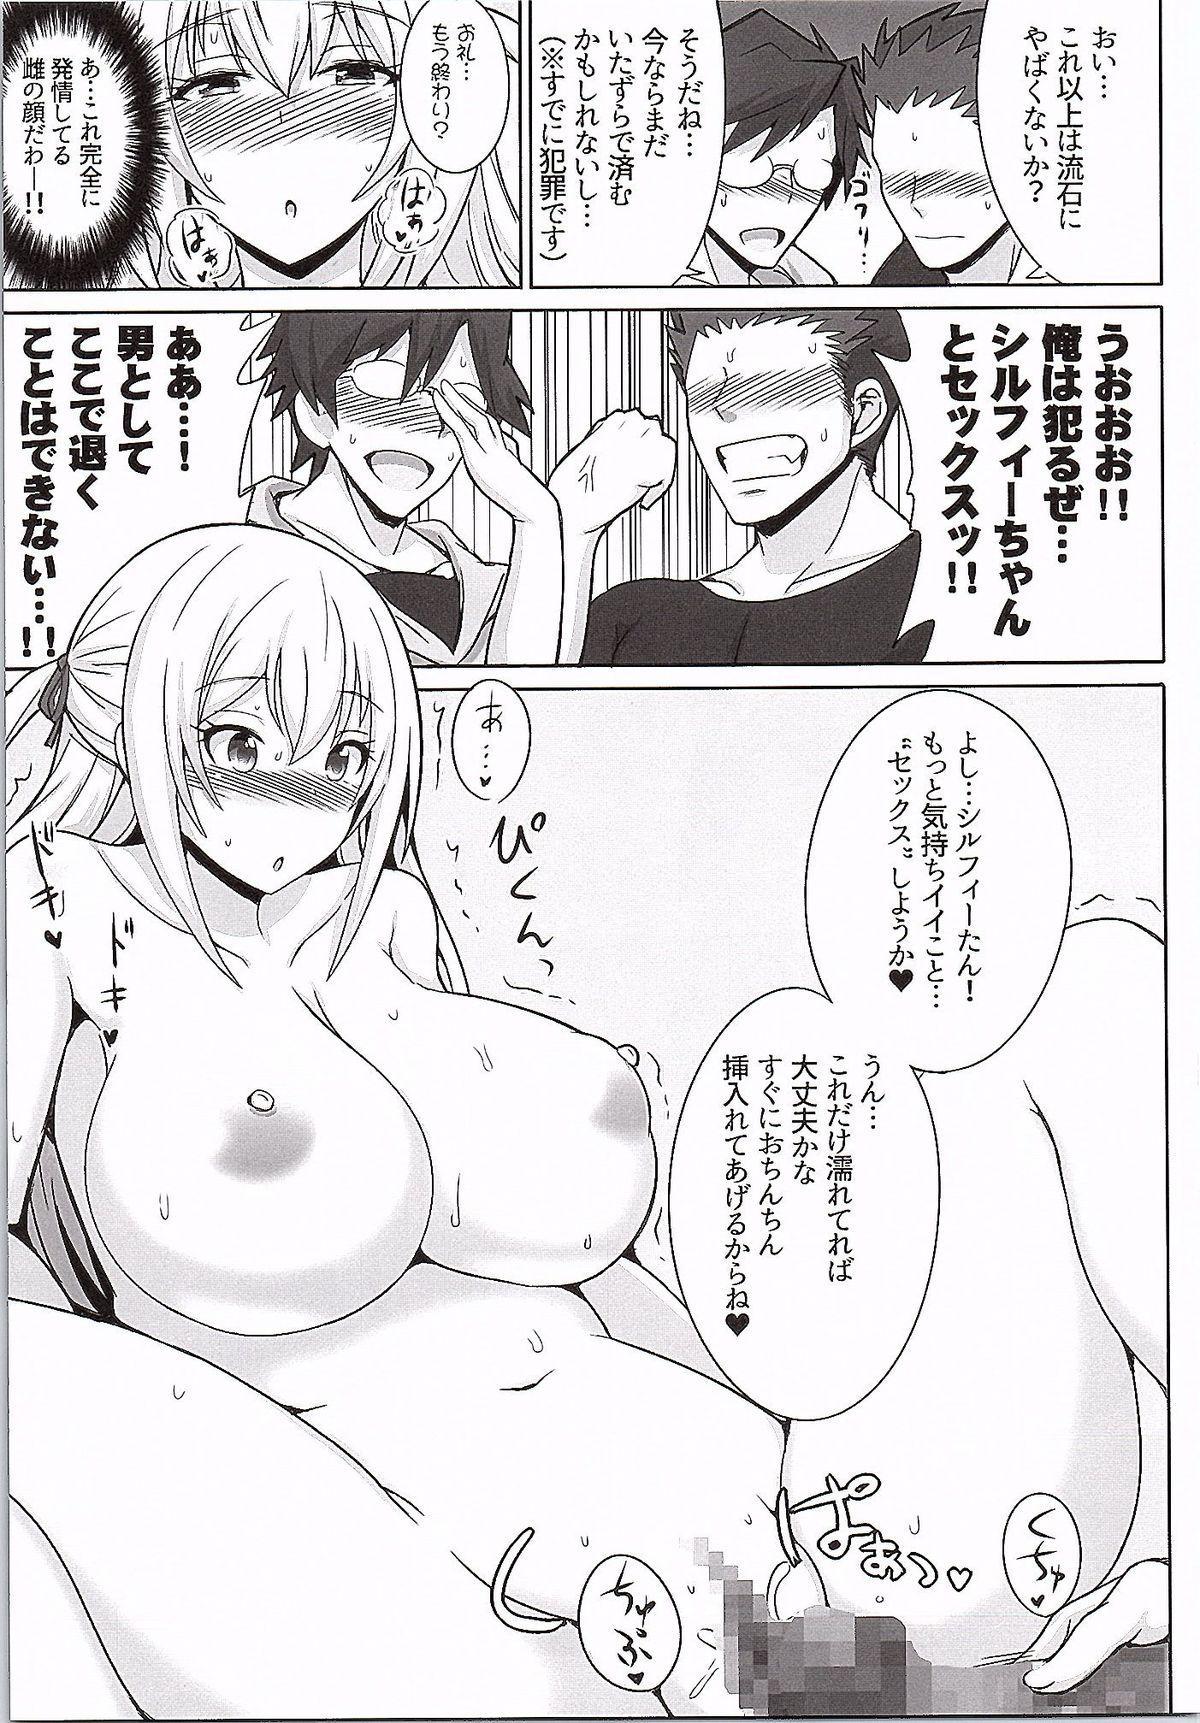 Amaama Shiruko 11